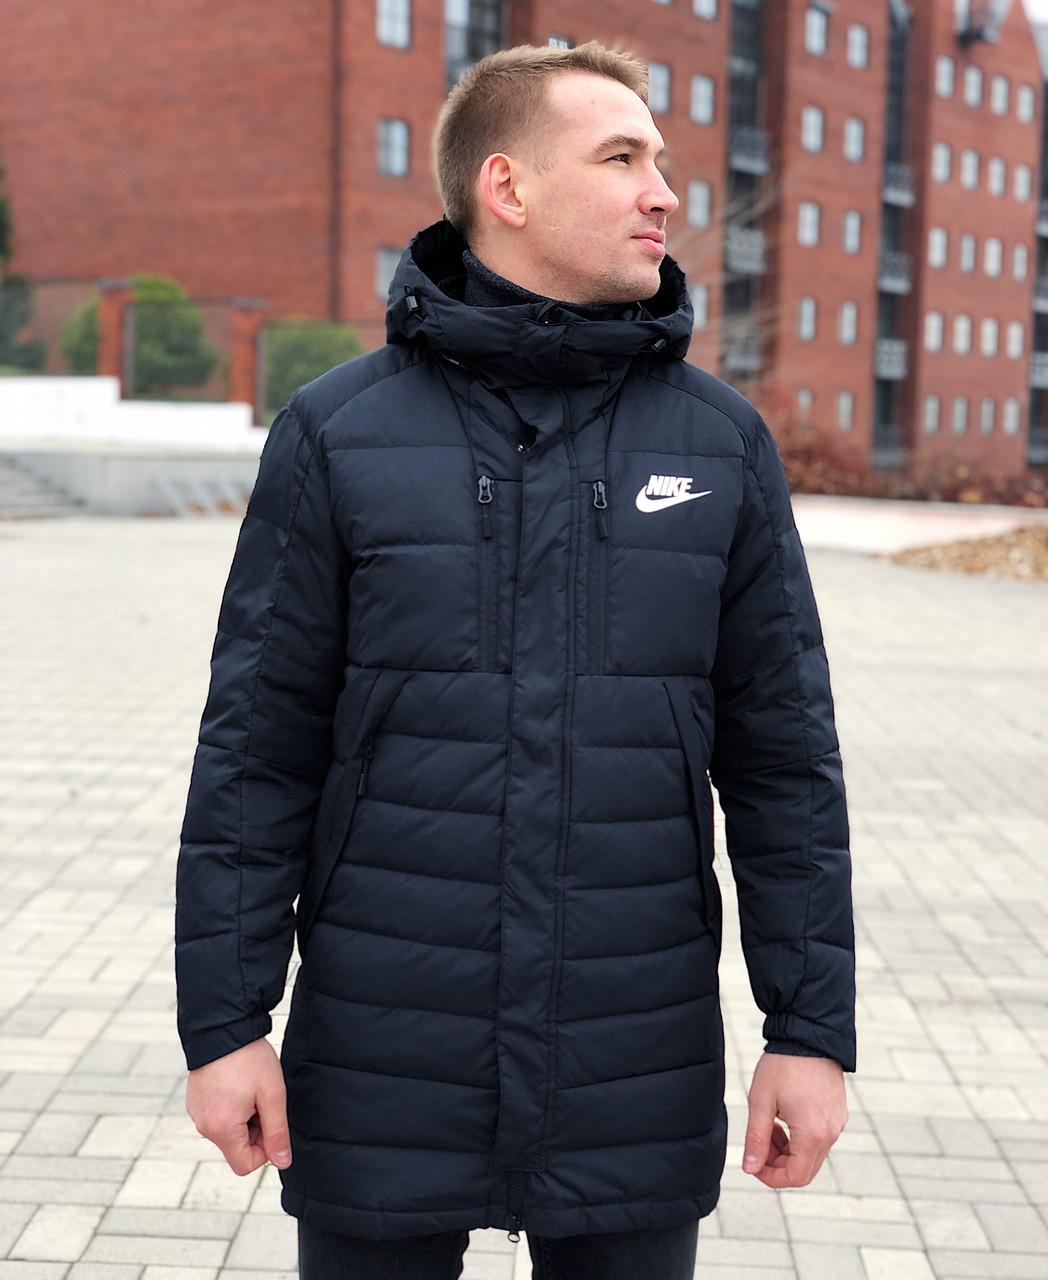 Пуховик зимовий Nike / CLO-101 (Розмір:M,L,XL)